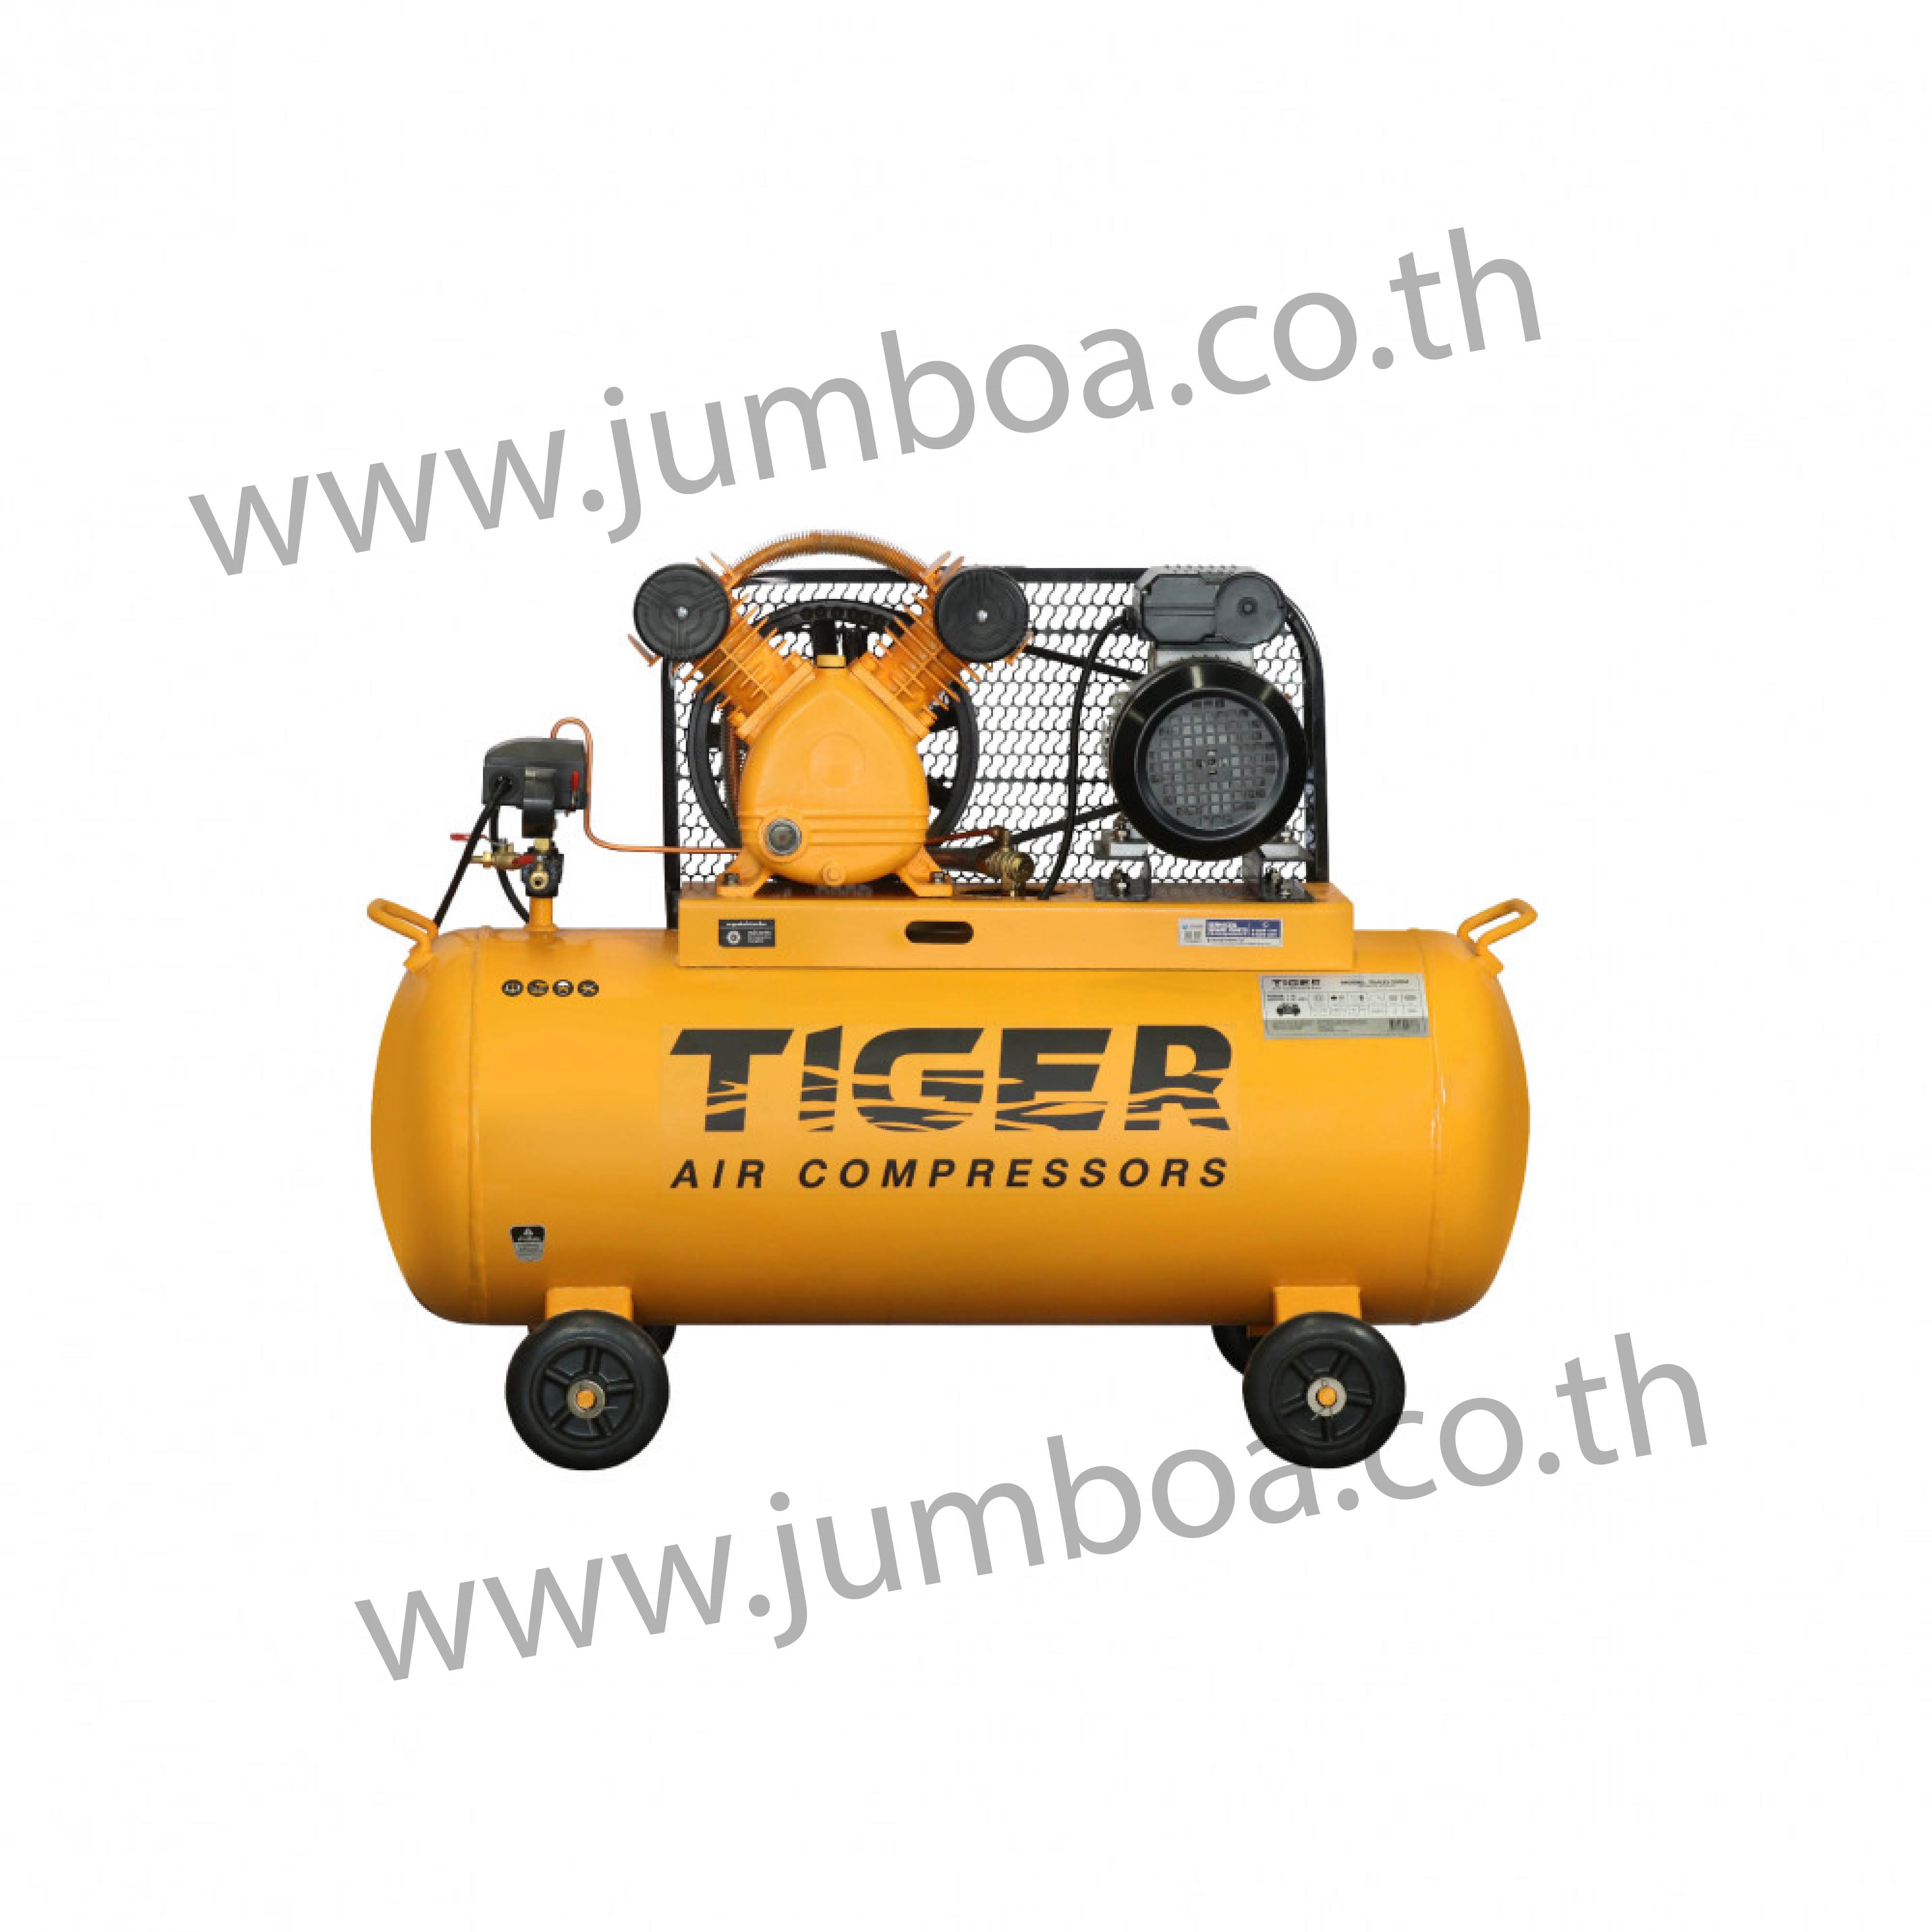 ปั๊มลมสายพาน TIGER TGA21-100M 1HP มอเตอร์ 2HP 220V. ถัง 100 ลิตร